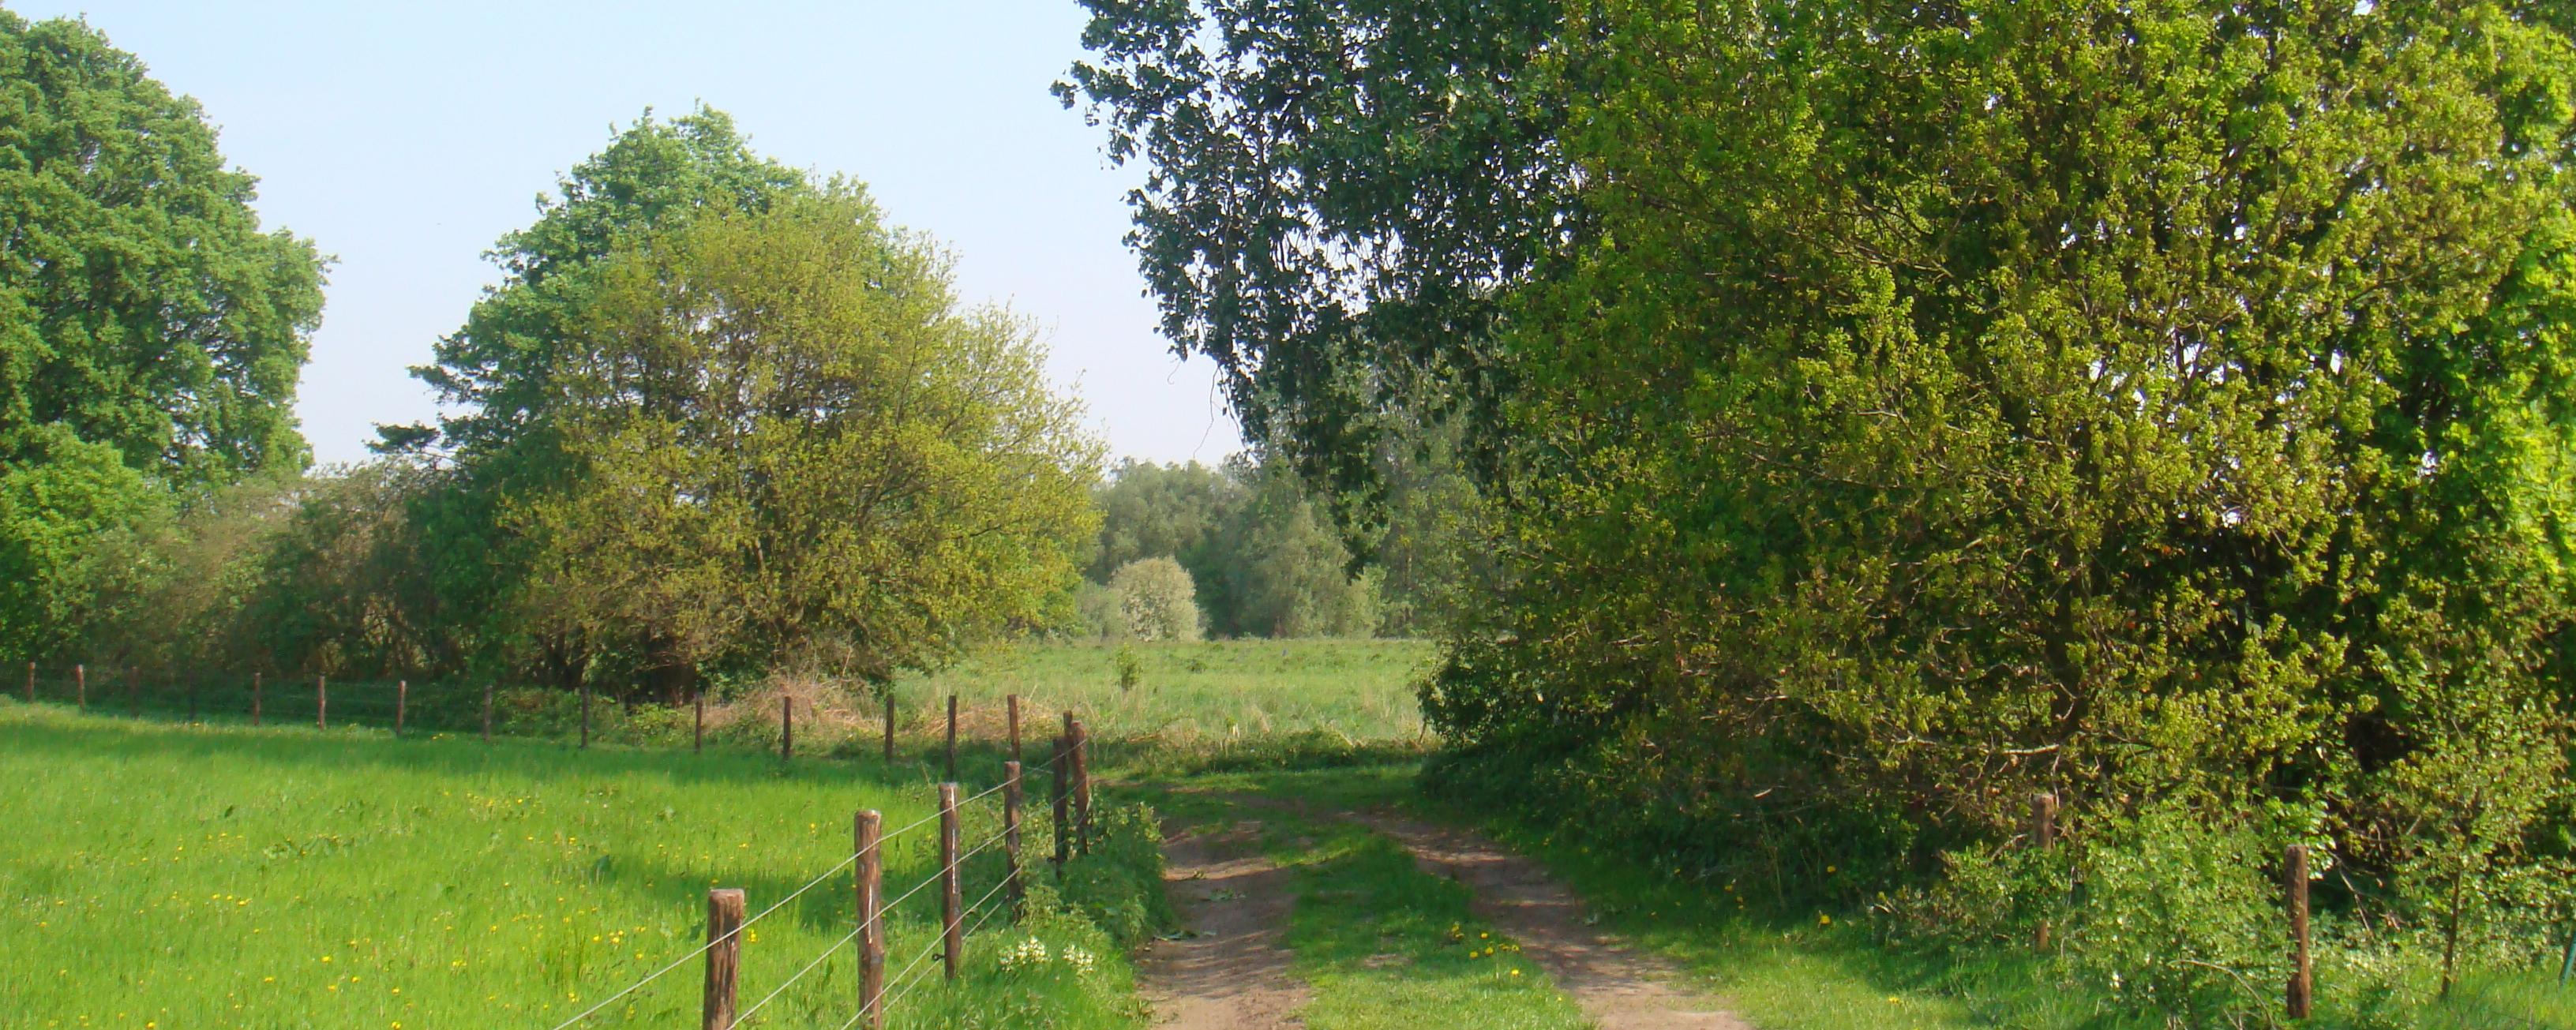 Wandelpaden De Graspol 3